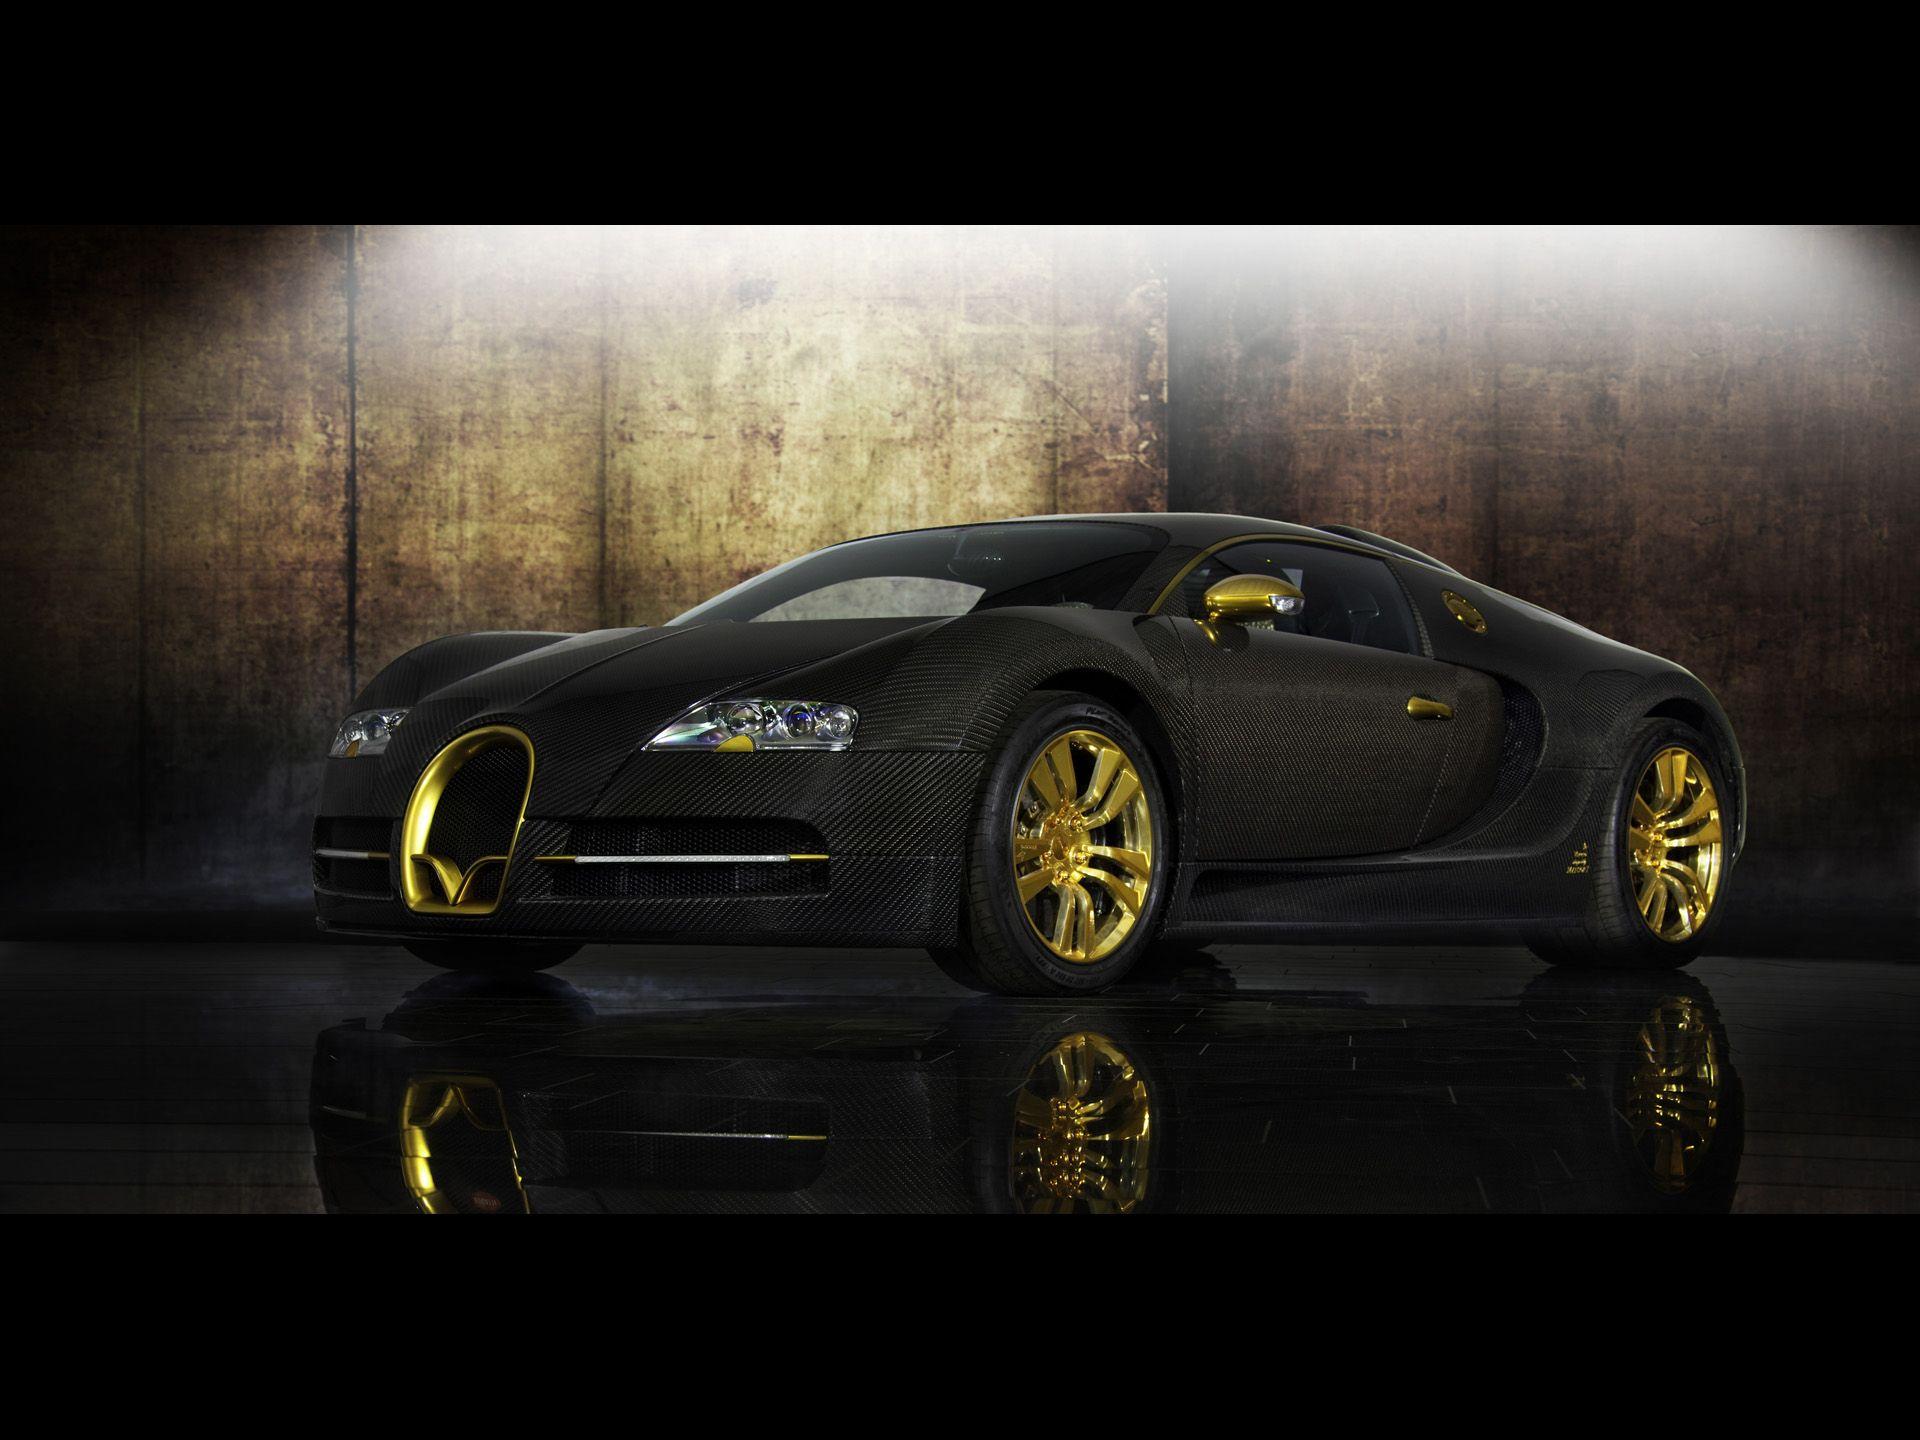 2010 Mansory Bugatti Veyron Linea Vincero d Oro